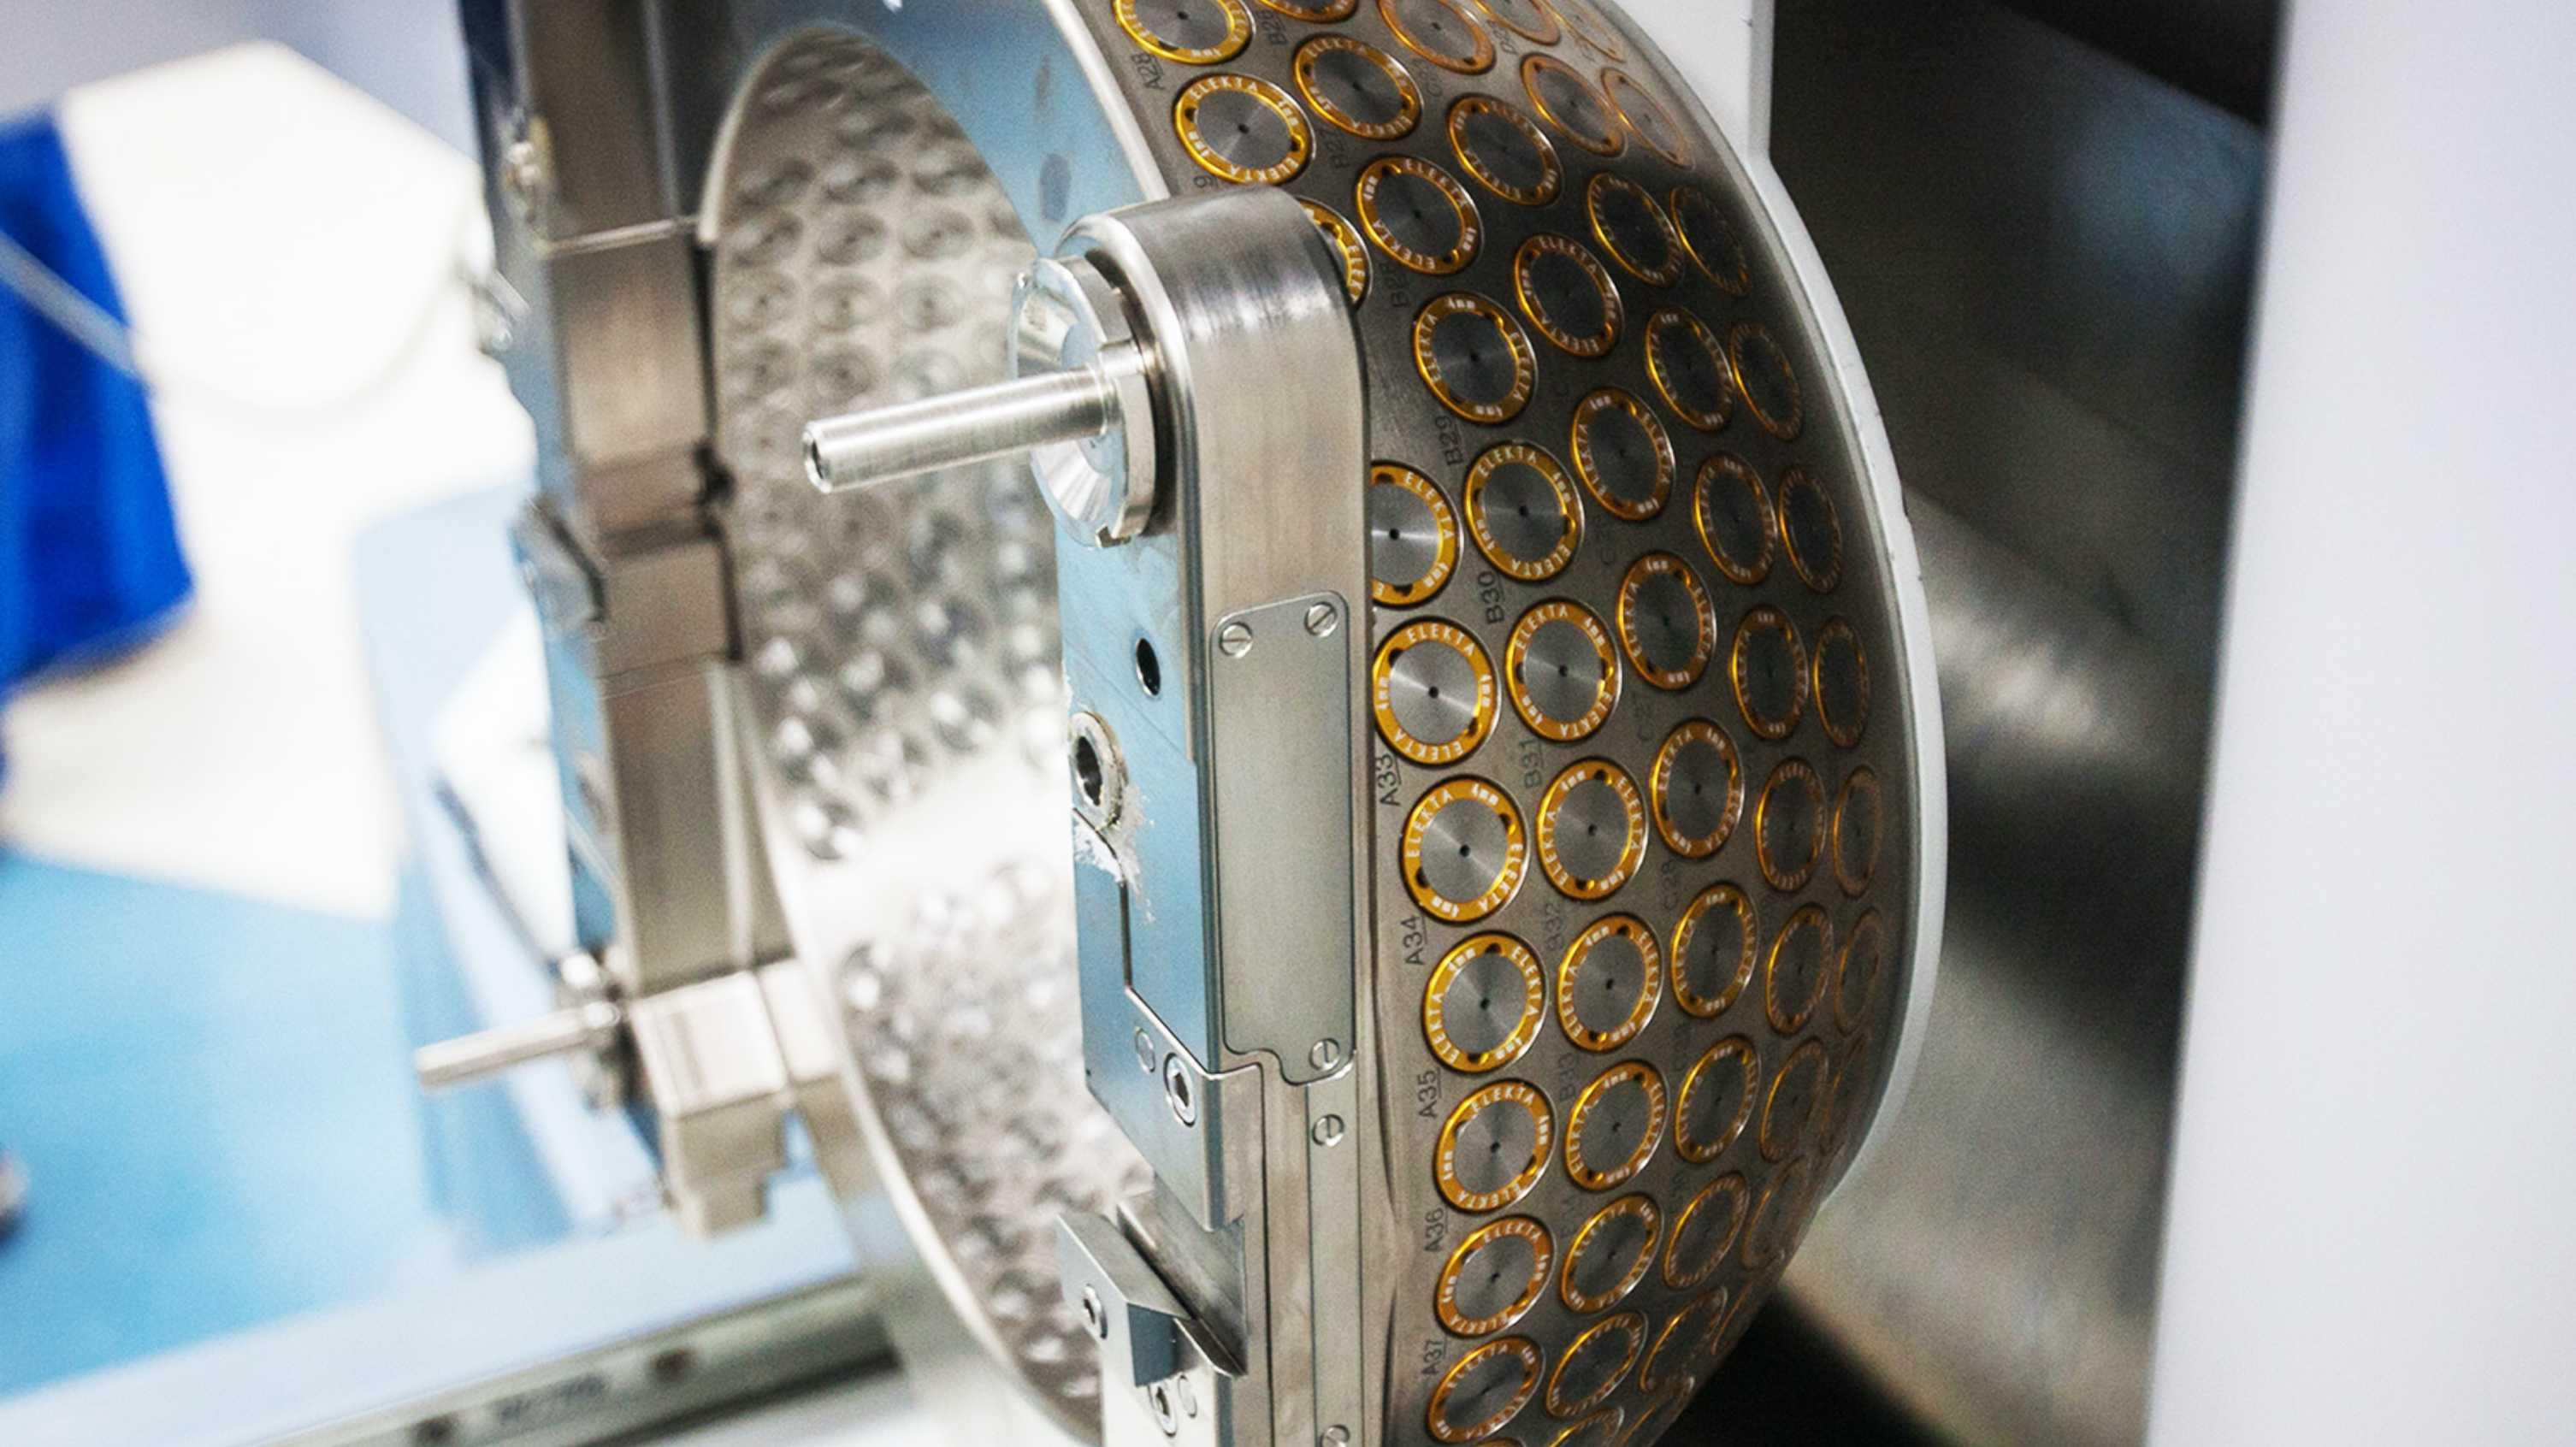 maquina de radiocirugia estereotaxica